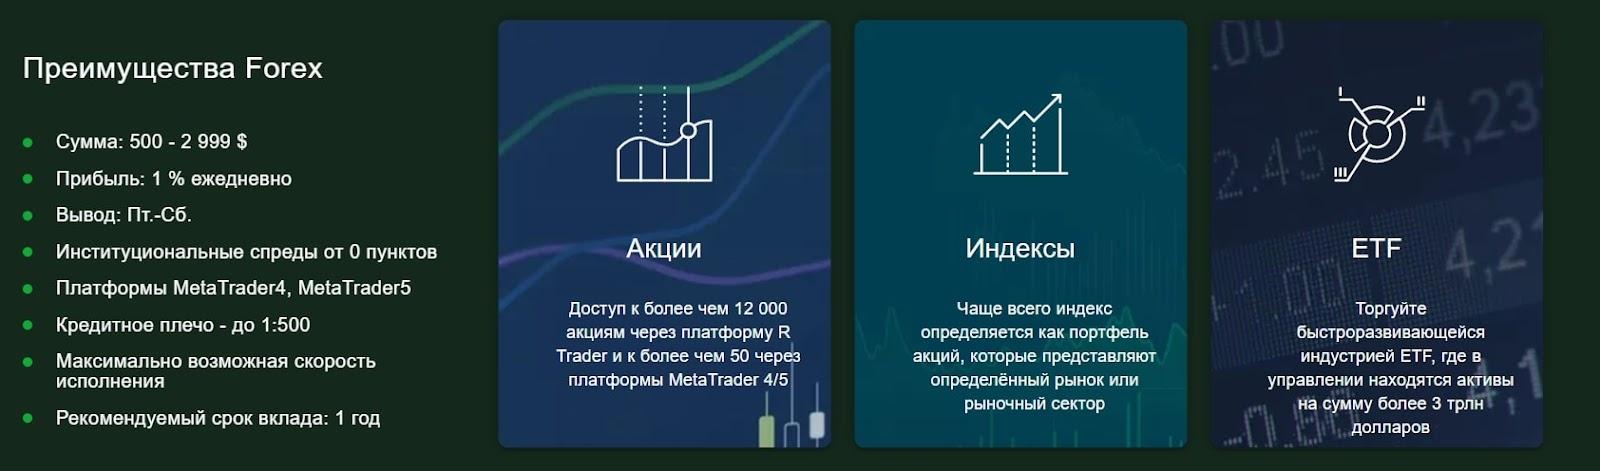 Обзор проекта City Broker, анализ отзывов